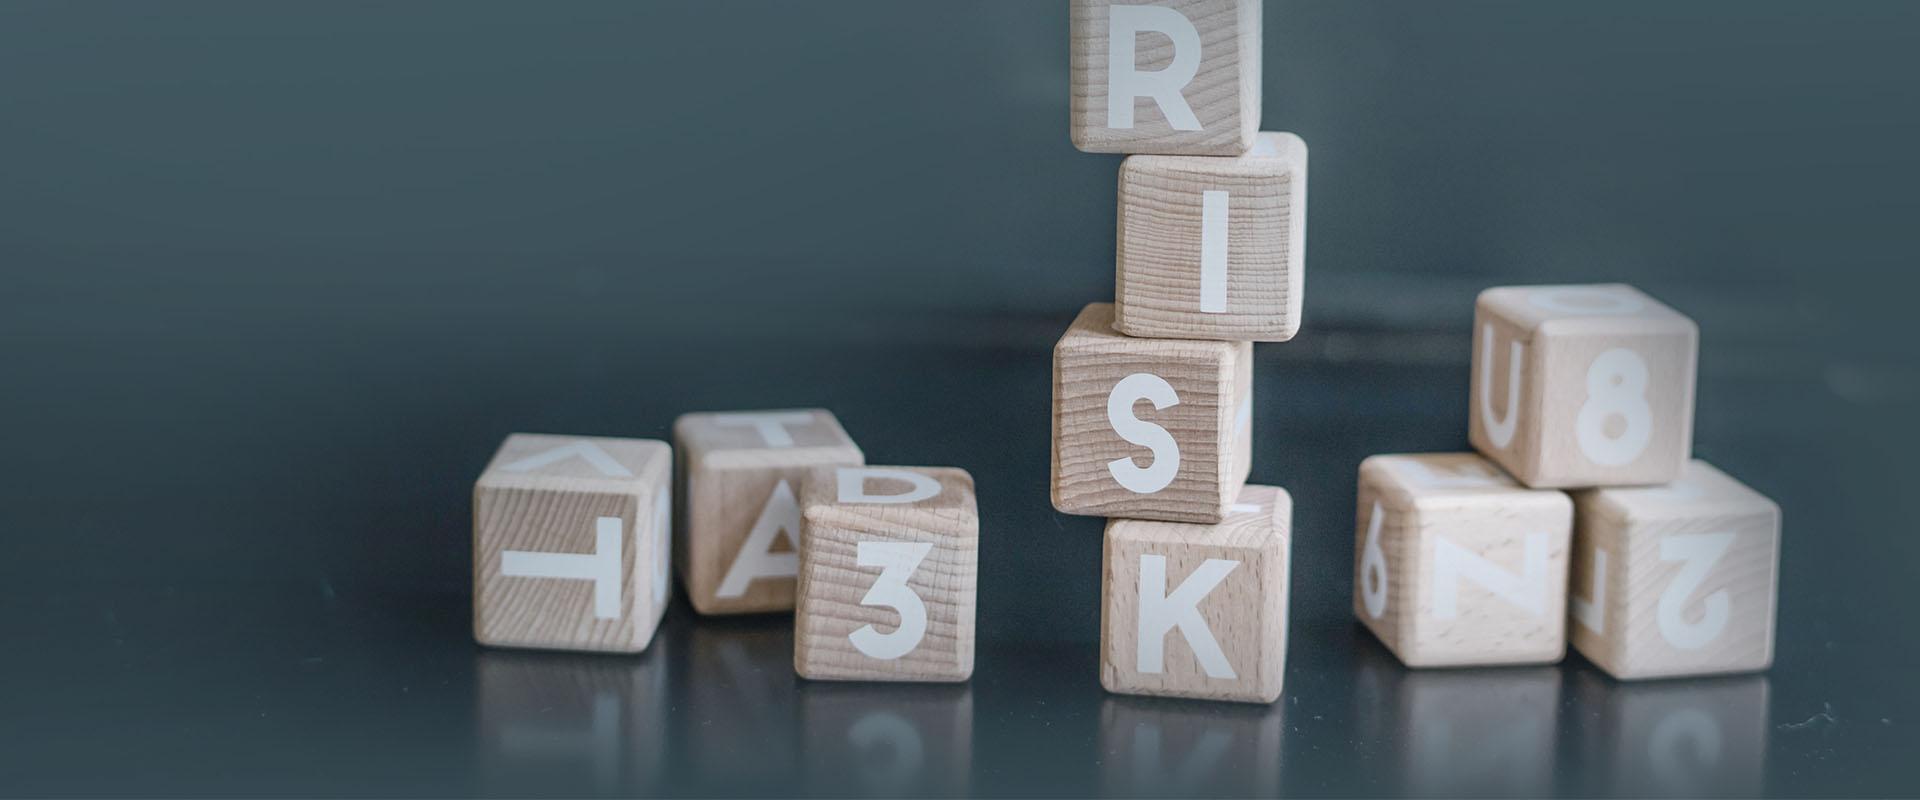 risk-39